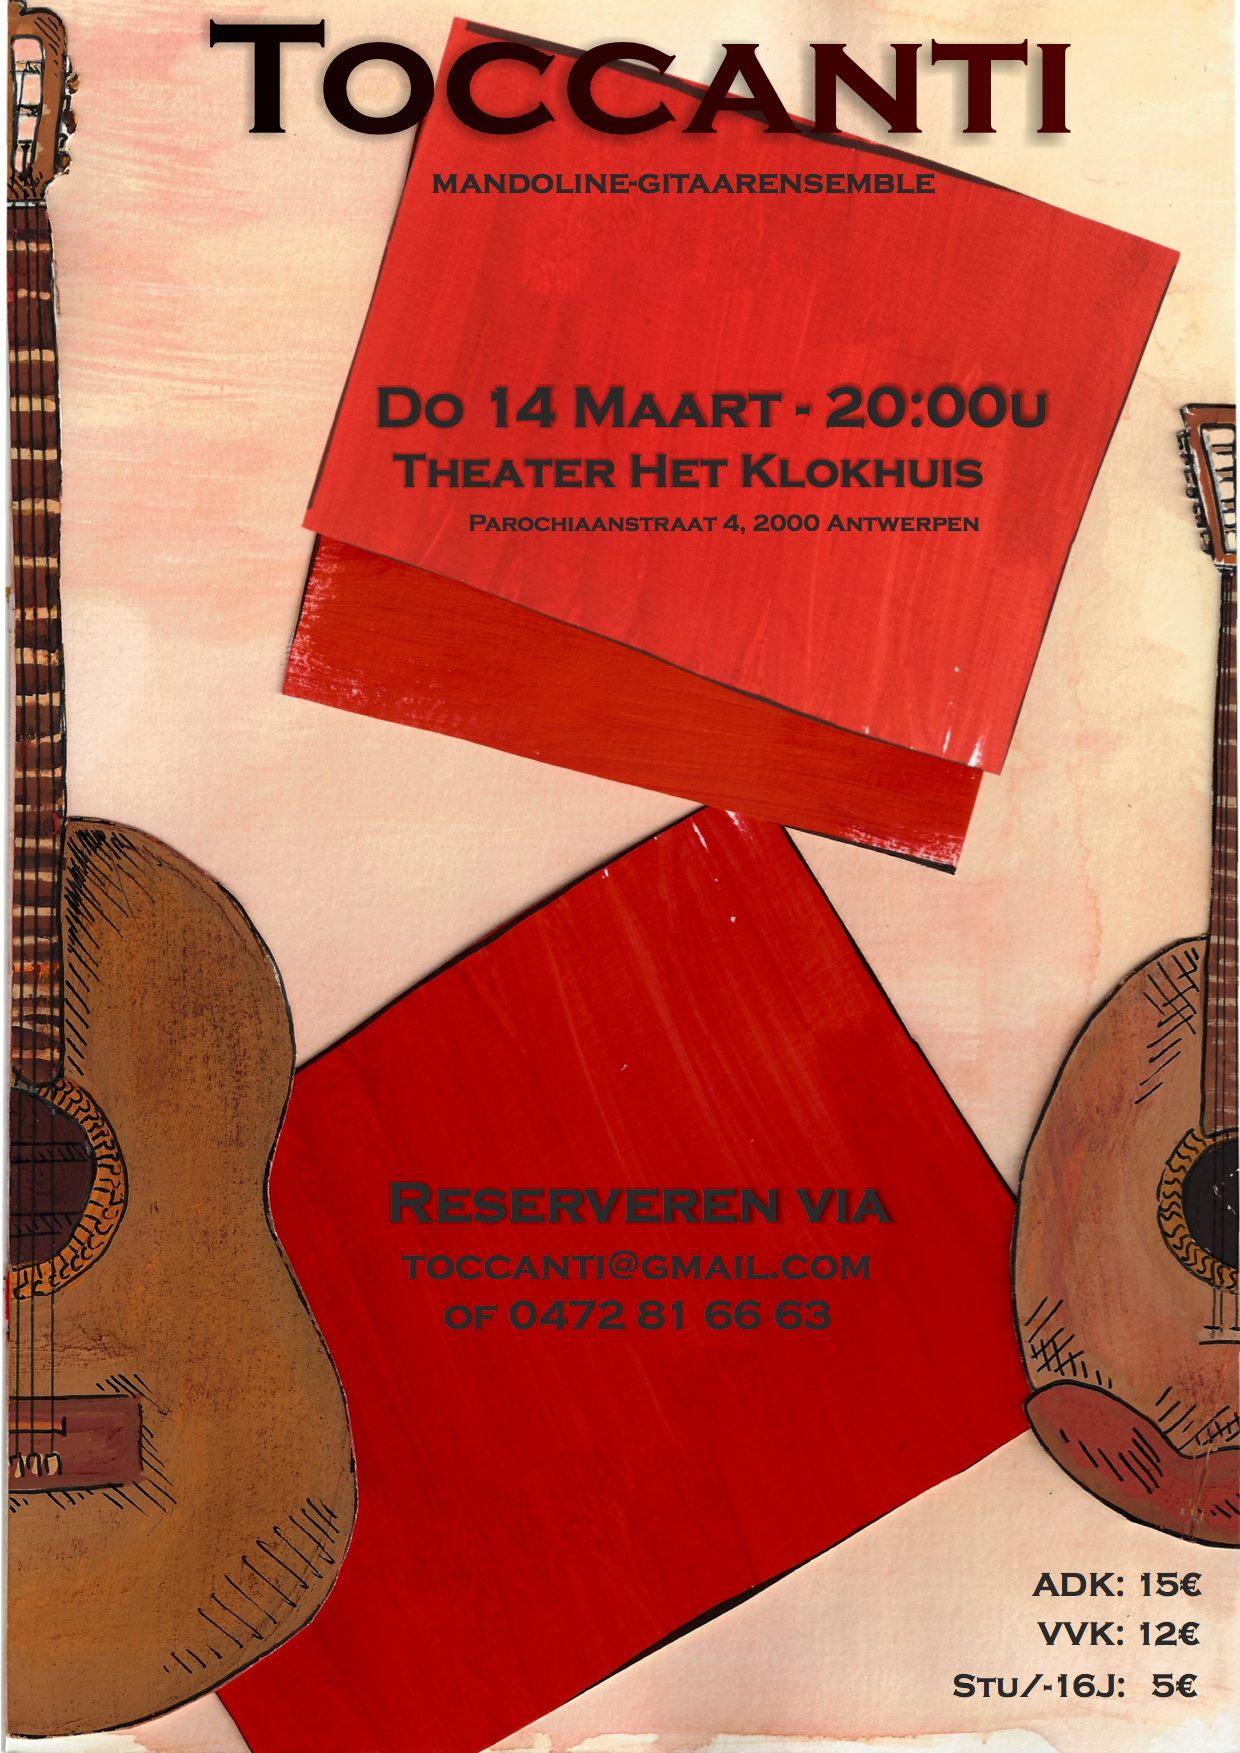 Toccanti Concert : mandoline - en gitaarensemble @ Theater Het Klokhuis  | Antwerpen | Vlaanderen | België